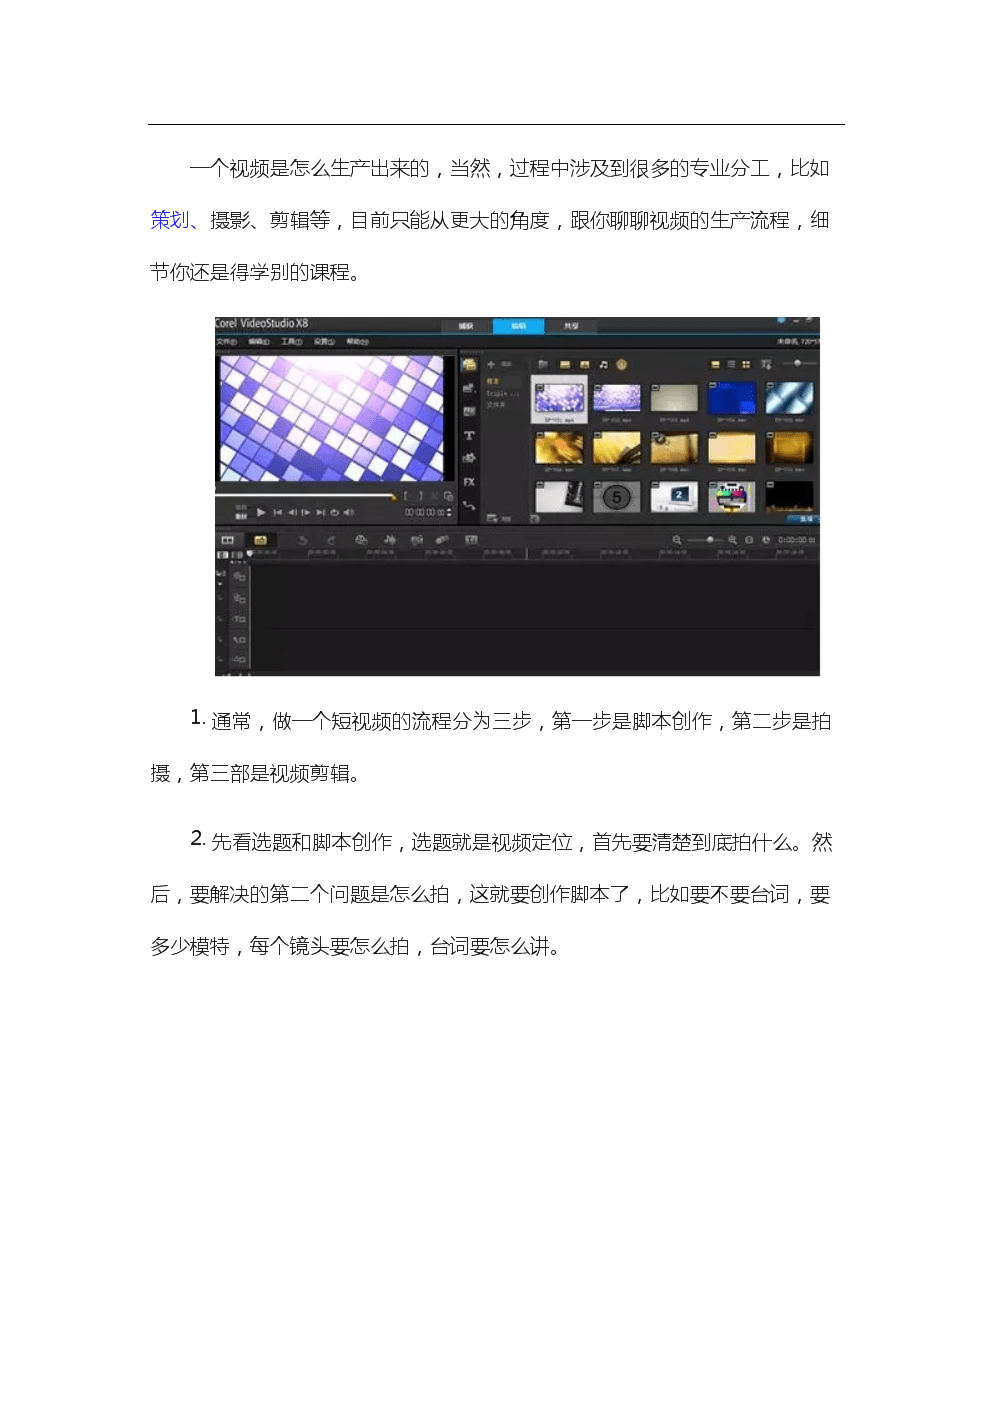 短视频怎么制作.docx